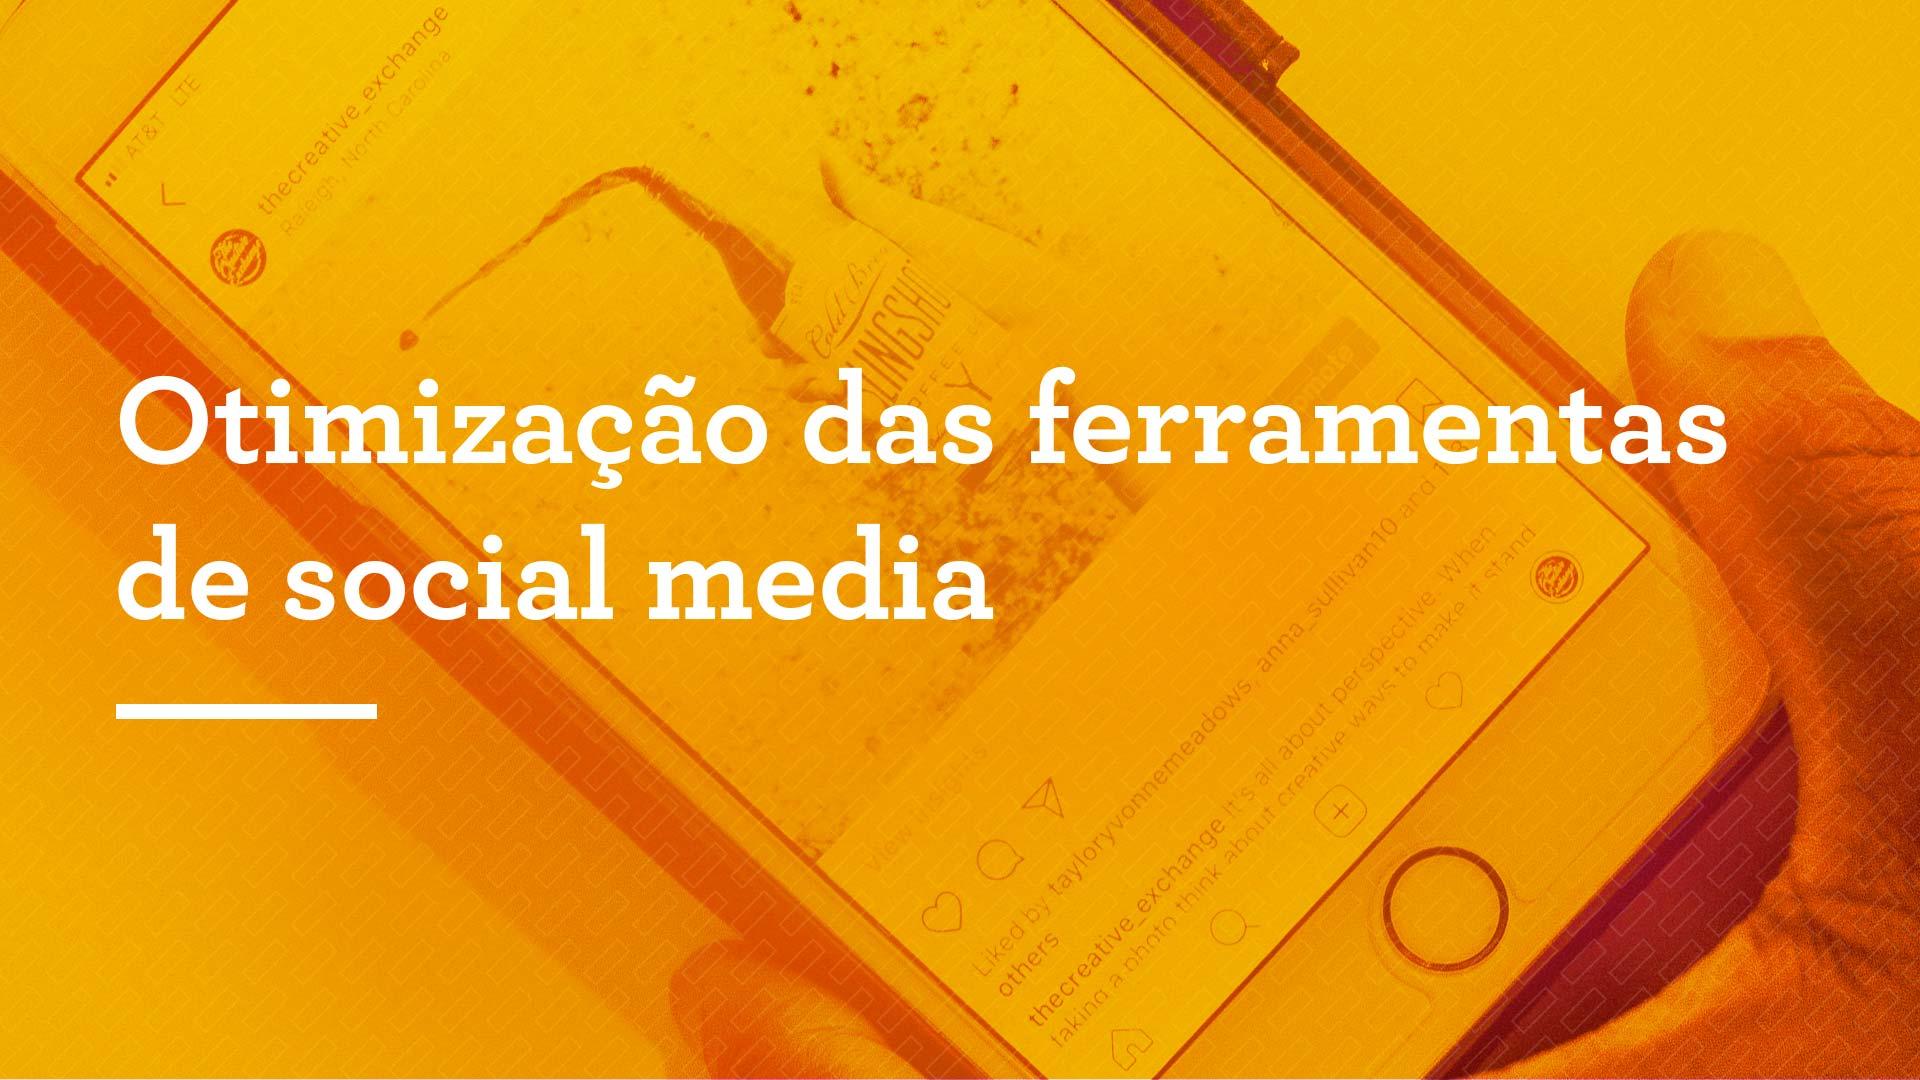 Otimização das ferramentas de social media